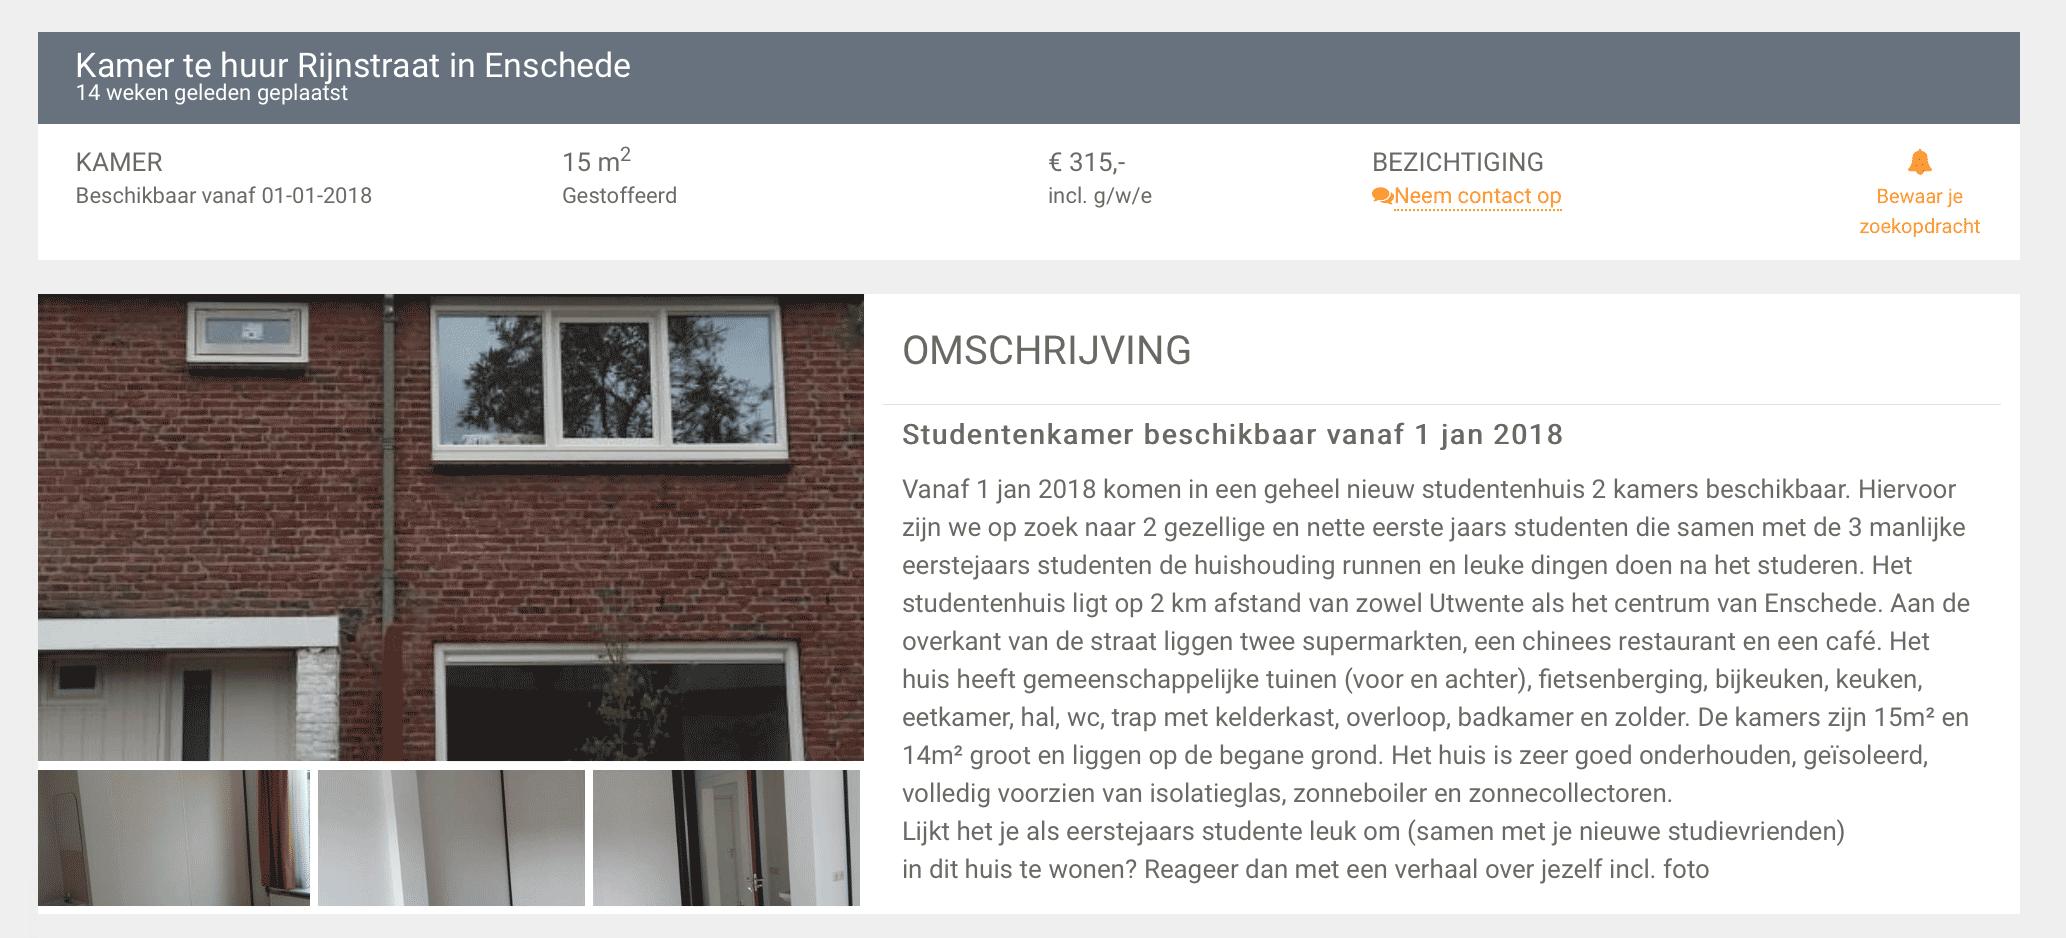 Комната без мебели на окраине. За интернет придется доплачивать 25€ в месяц (1750 р.)